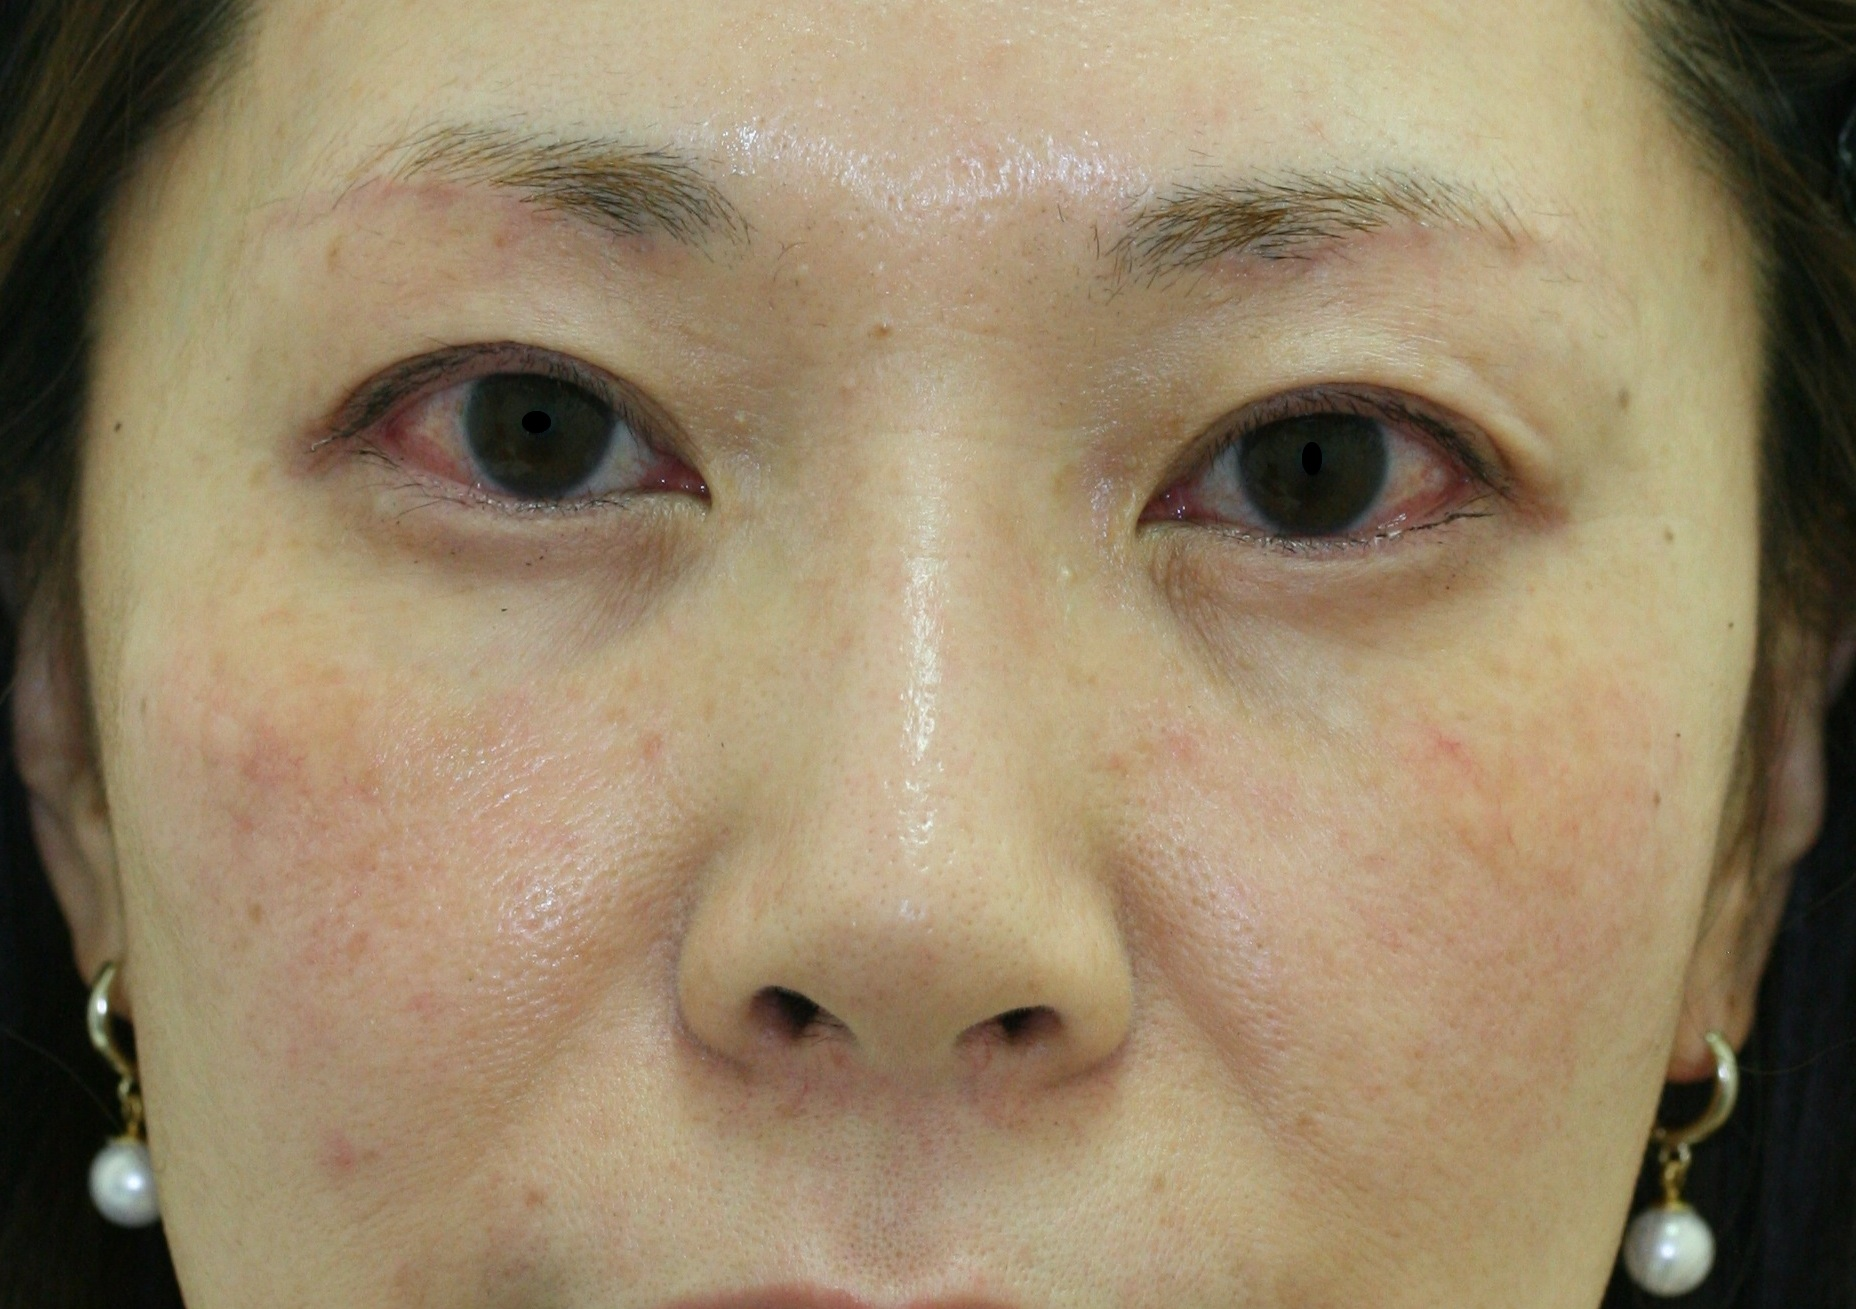 30代 女性 - 上眼瞼リフト(眉毛下切開)(アフター)